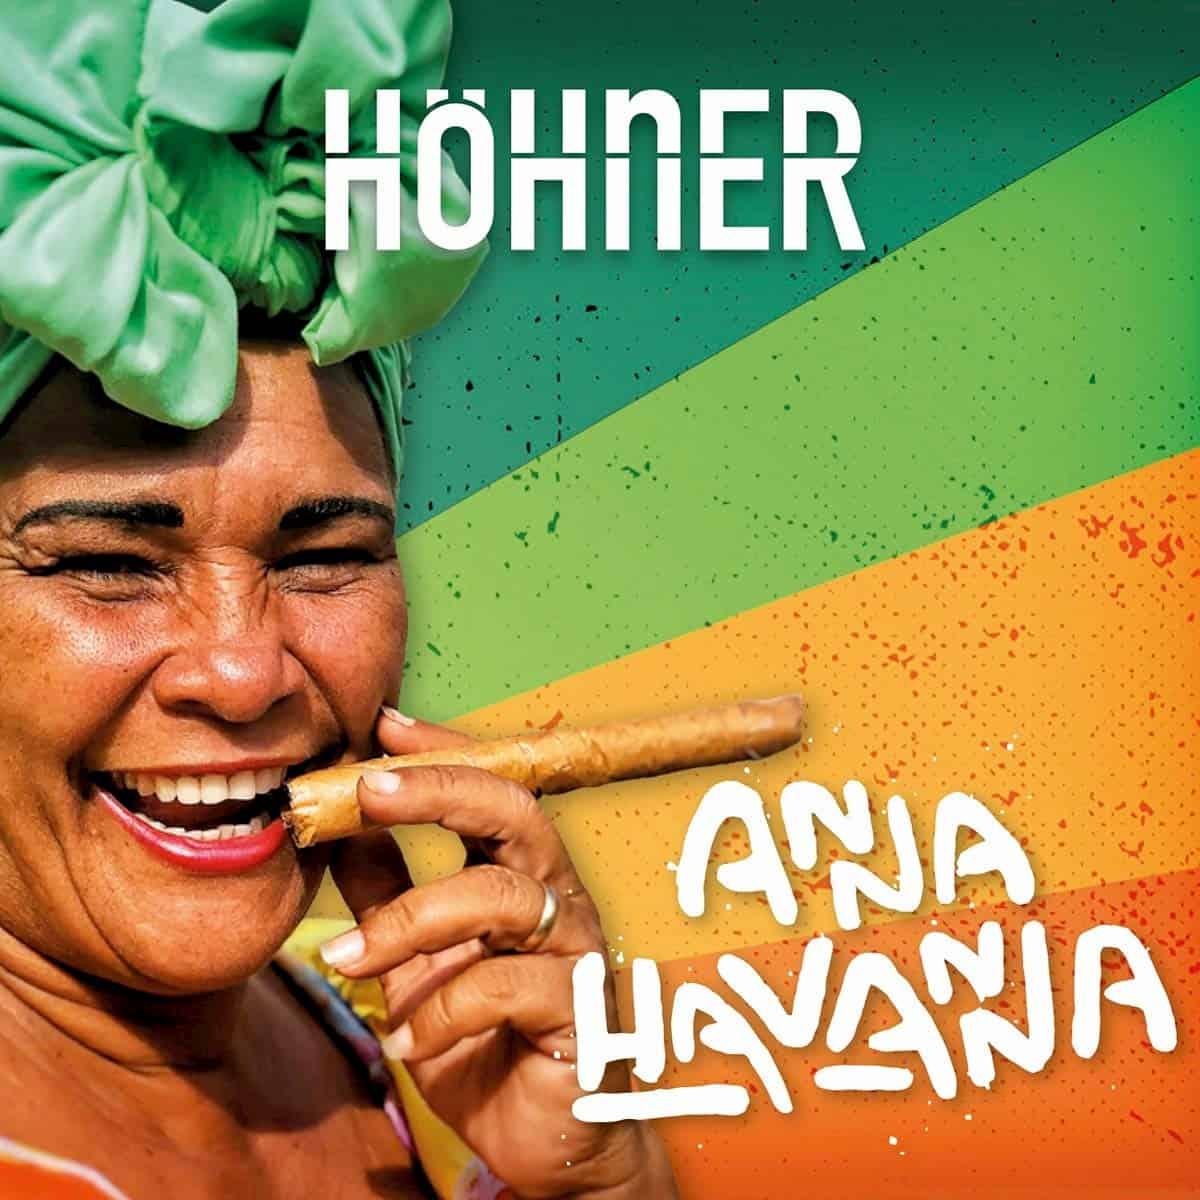 Karneval 2019-2020 Neue Karnevals-Lieder und Karneval-CDs der Session - hier Anna Havanna der Höhner